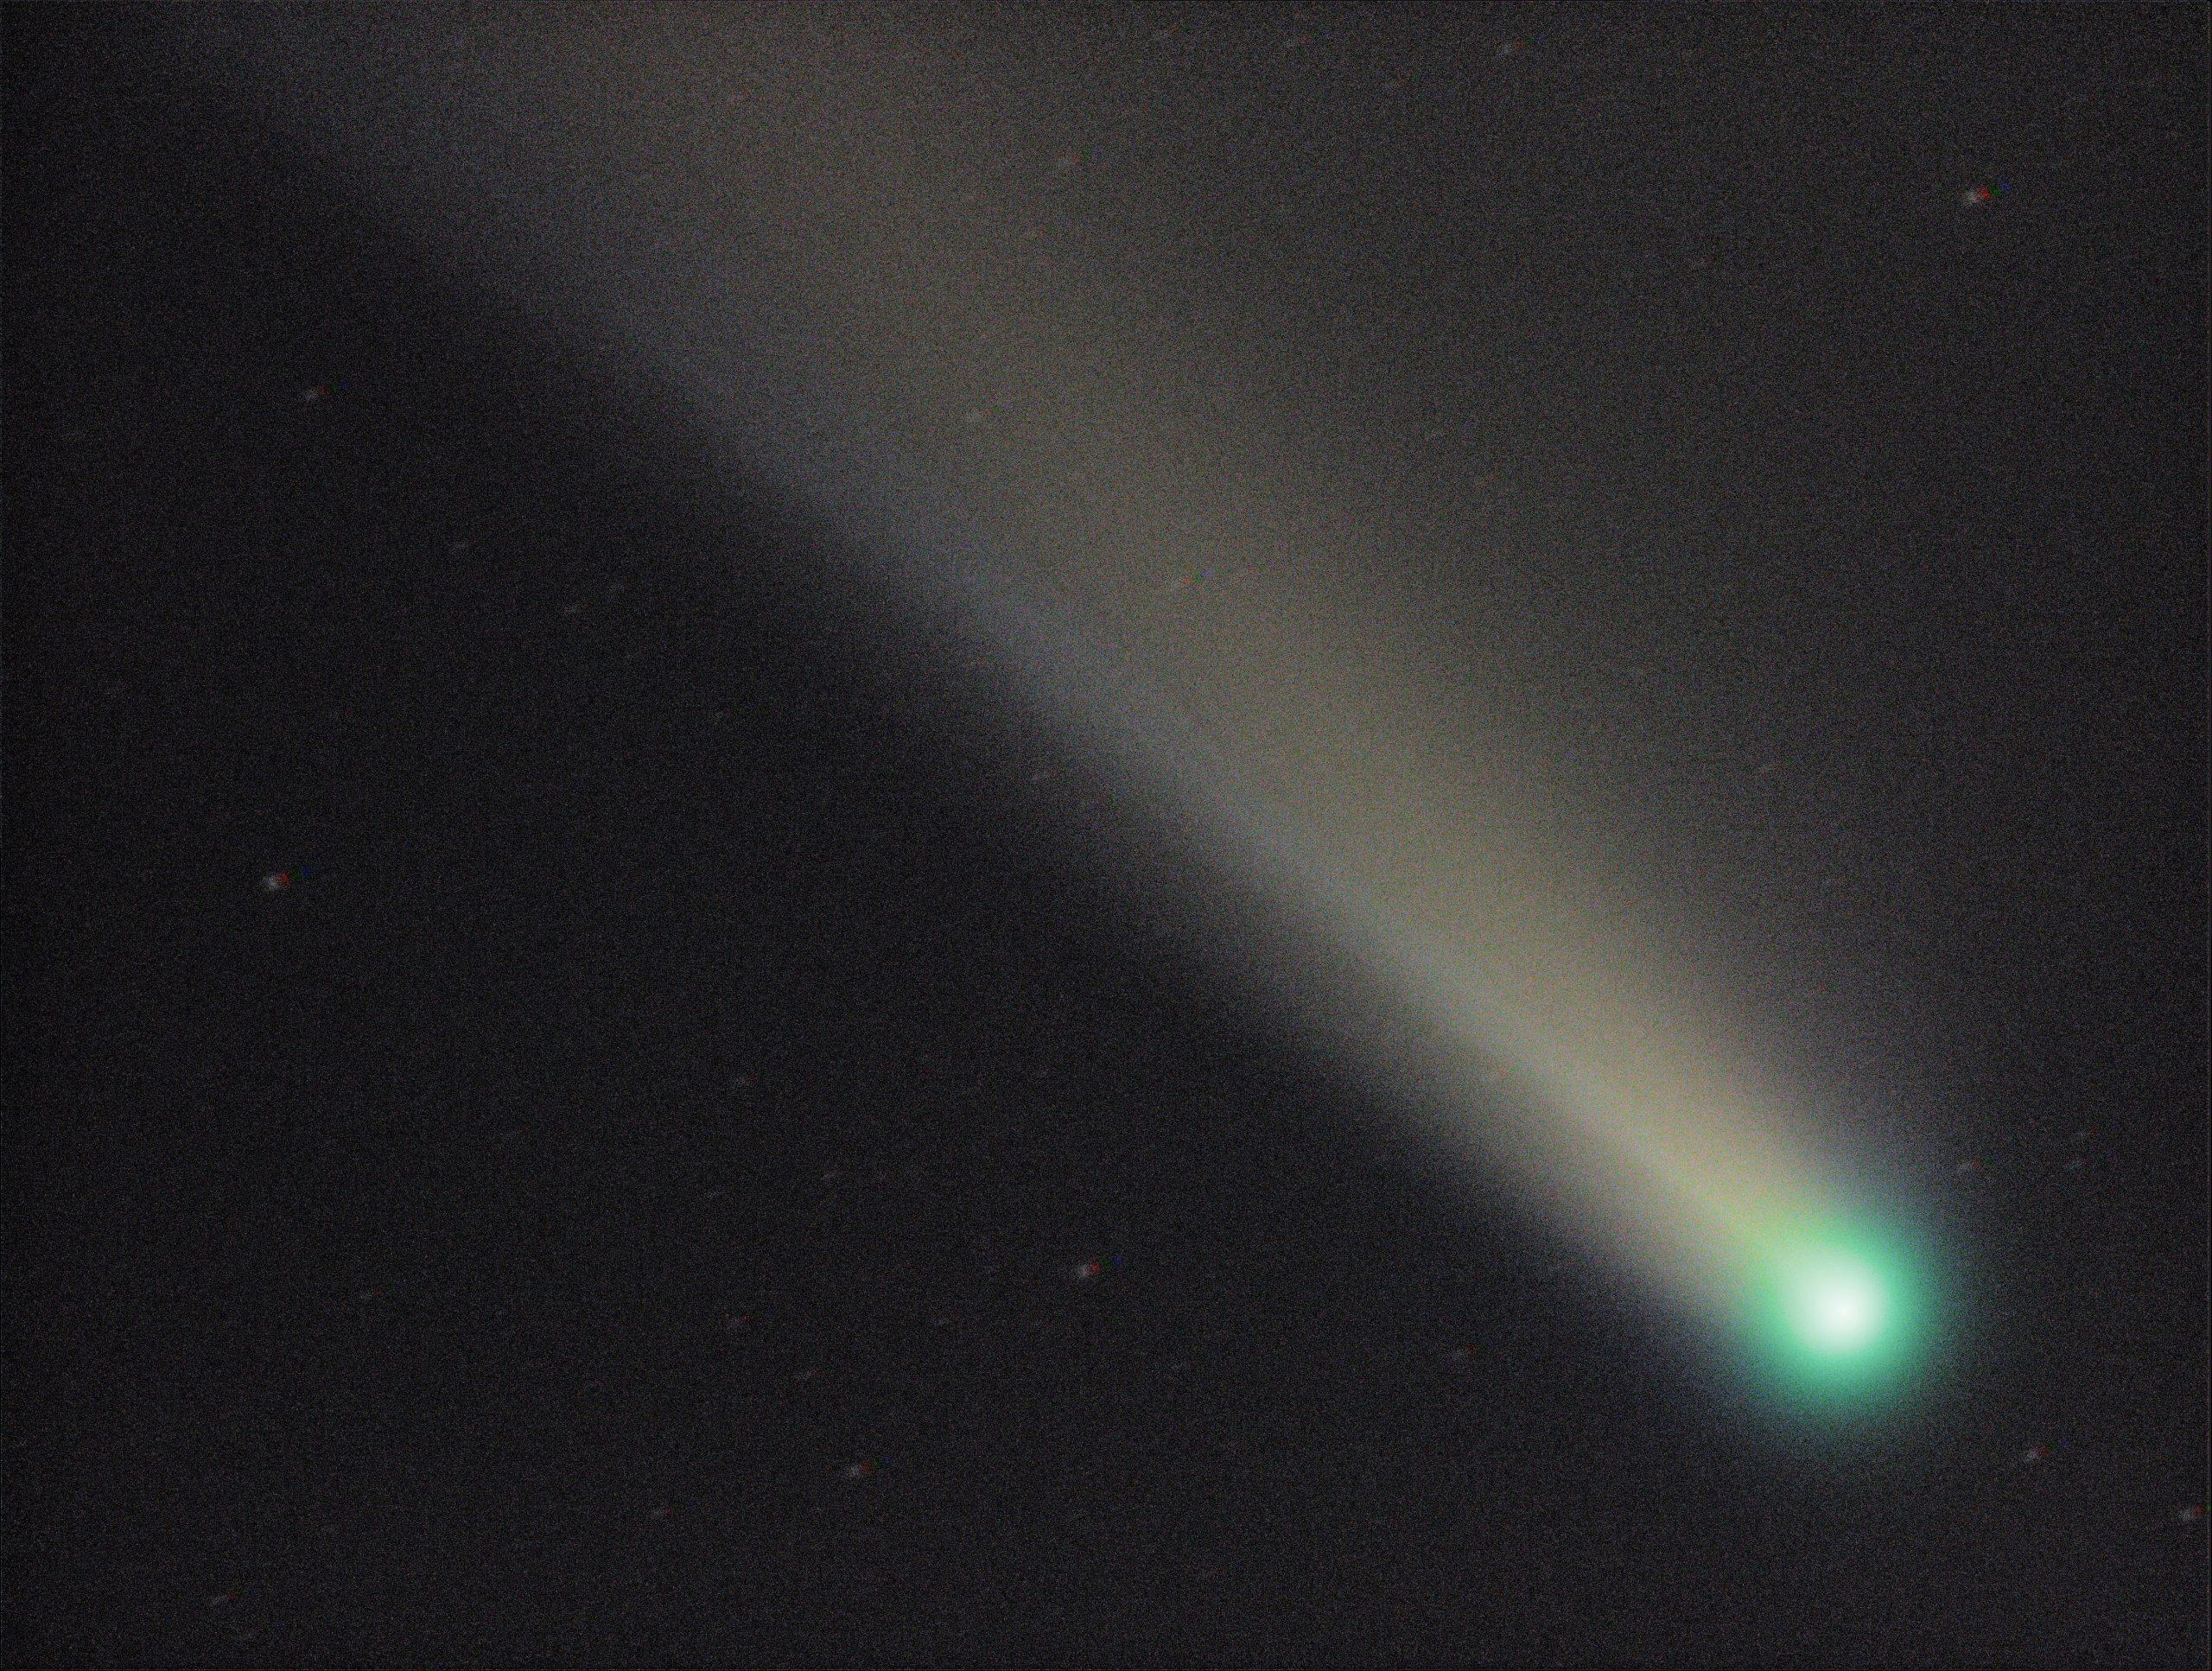 @bula is inmiddels druk bezig met de nieuwe versie van APP waarin komeet-stacken volledig geautomati